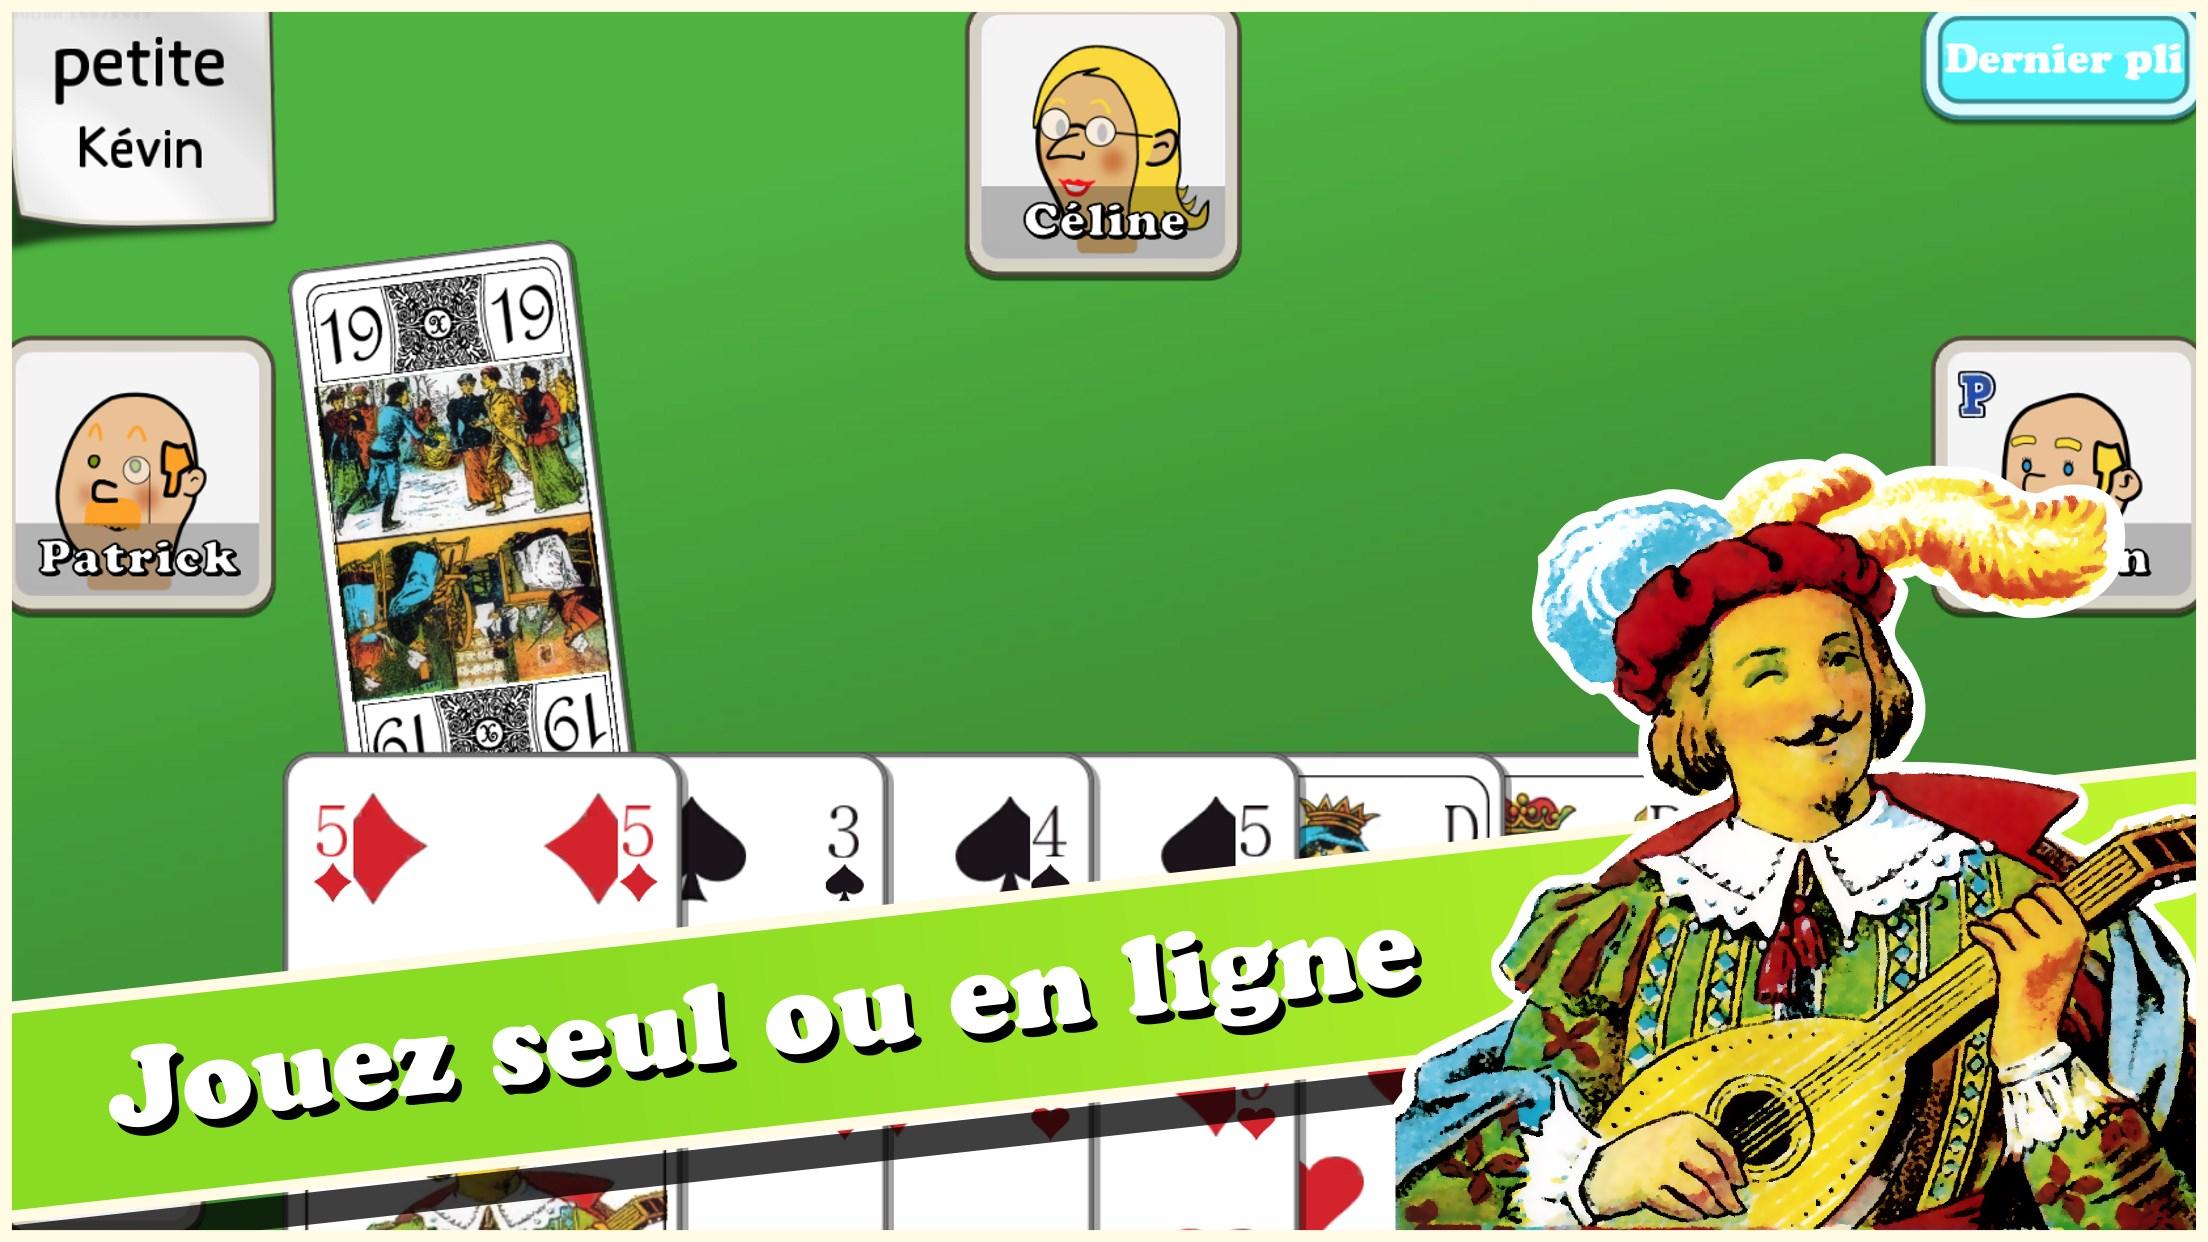 Jouer à la belote en ligne seul ou en multijoueur ! Notre jeu de belote gratuit est sans téléchargement, rejoignez une table de belote en quelques clics.